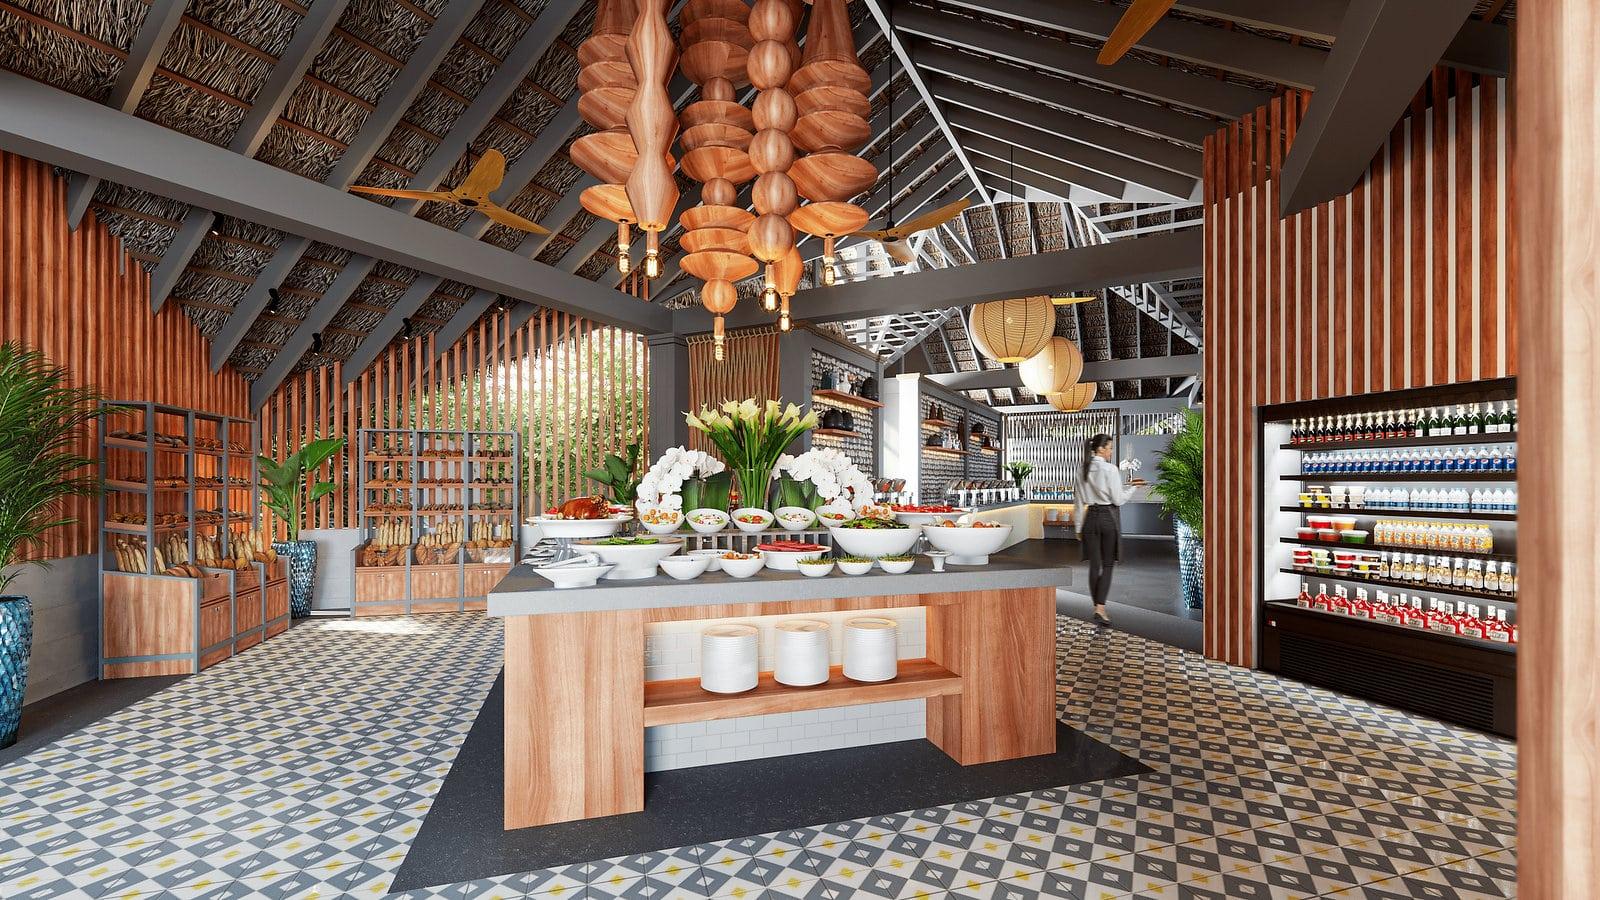 Мальдивы, отель Cora Cora Maldives, ресторан Tazaa